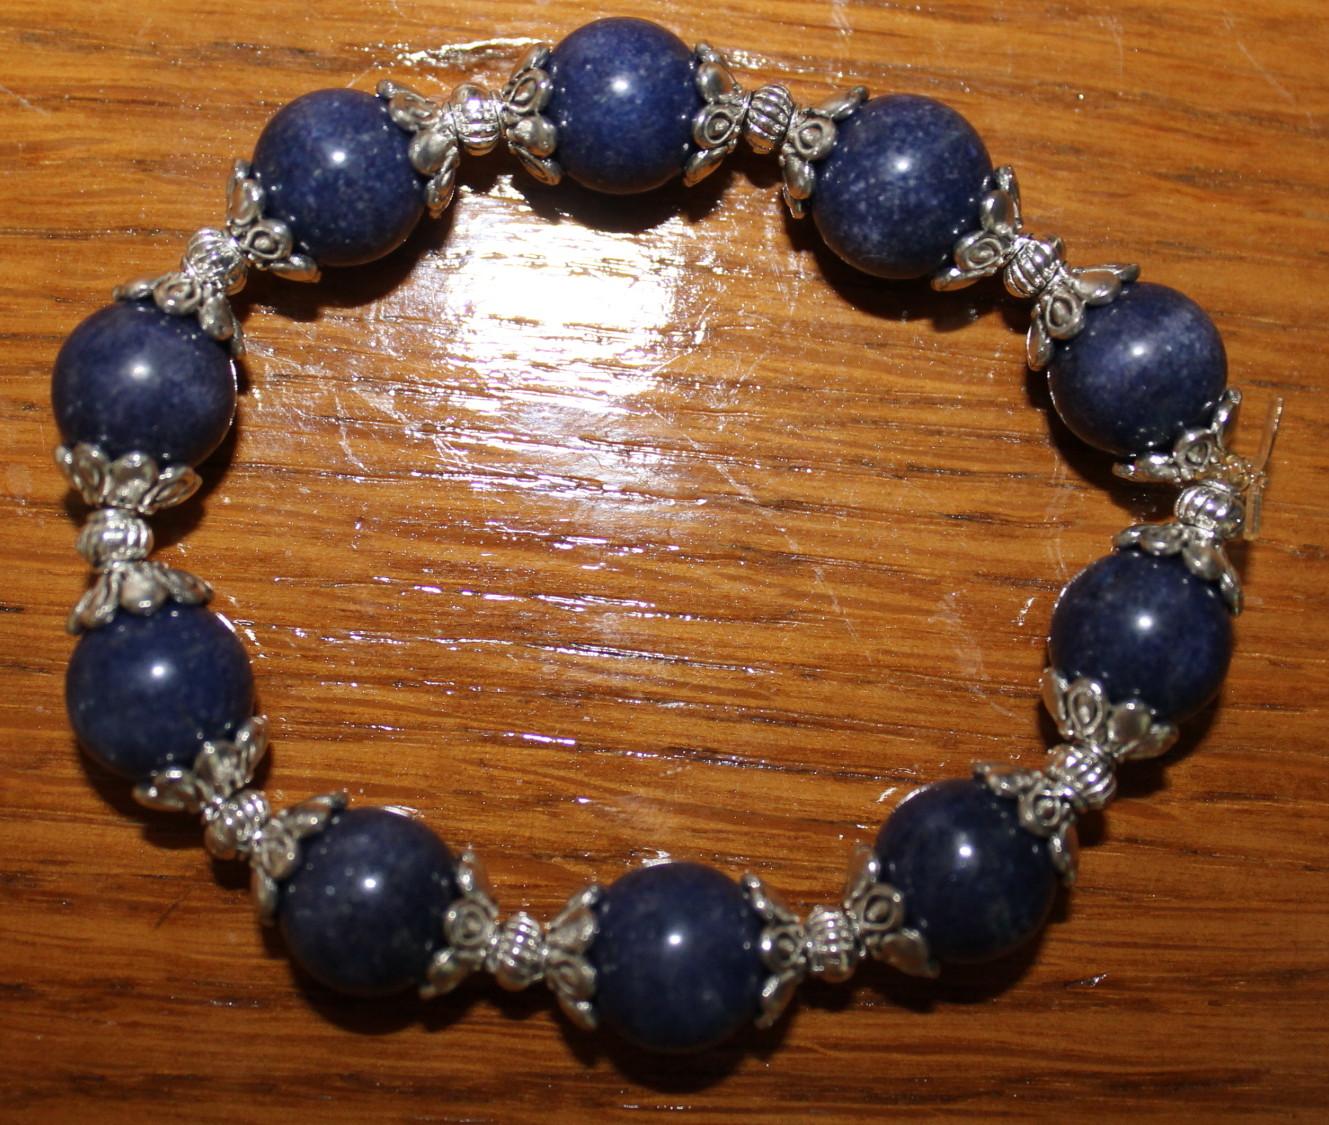 cbf46201ce93 Pulsera de plata tibetana y perlas de lapislazuli n2349 – Brazaletes y  Sortijas